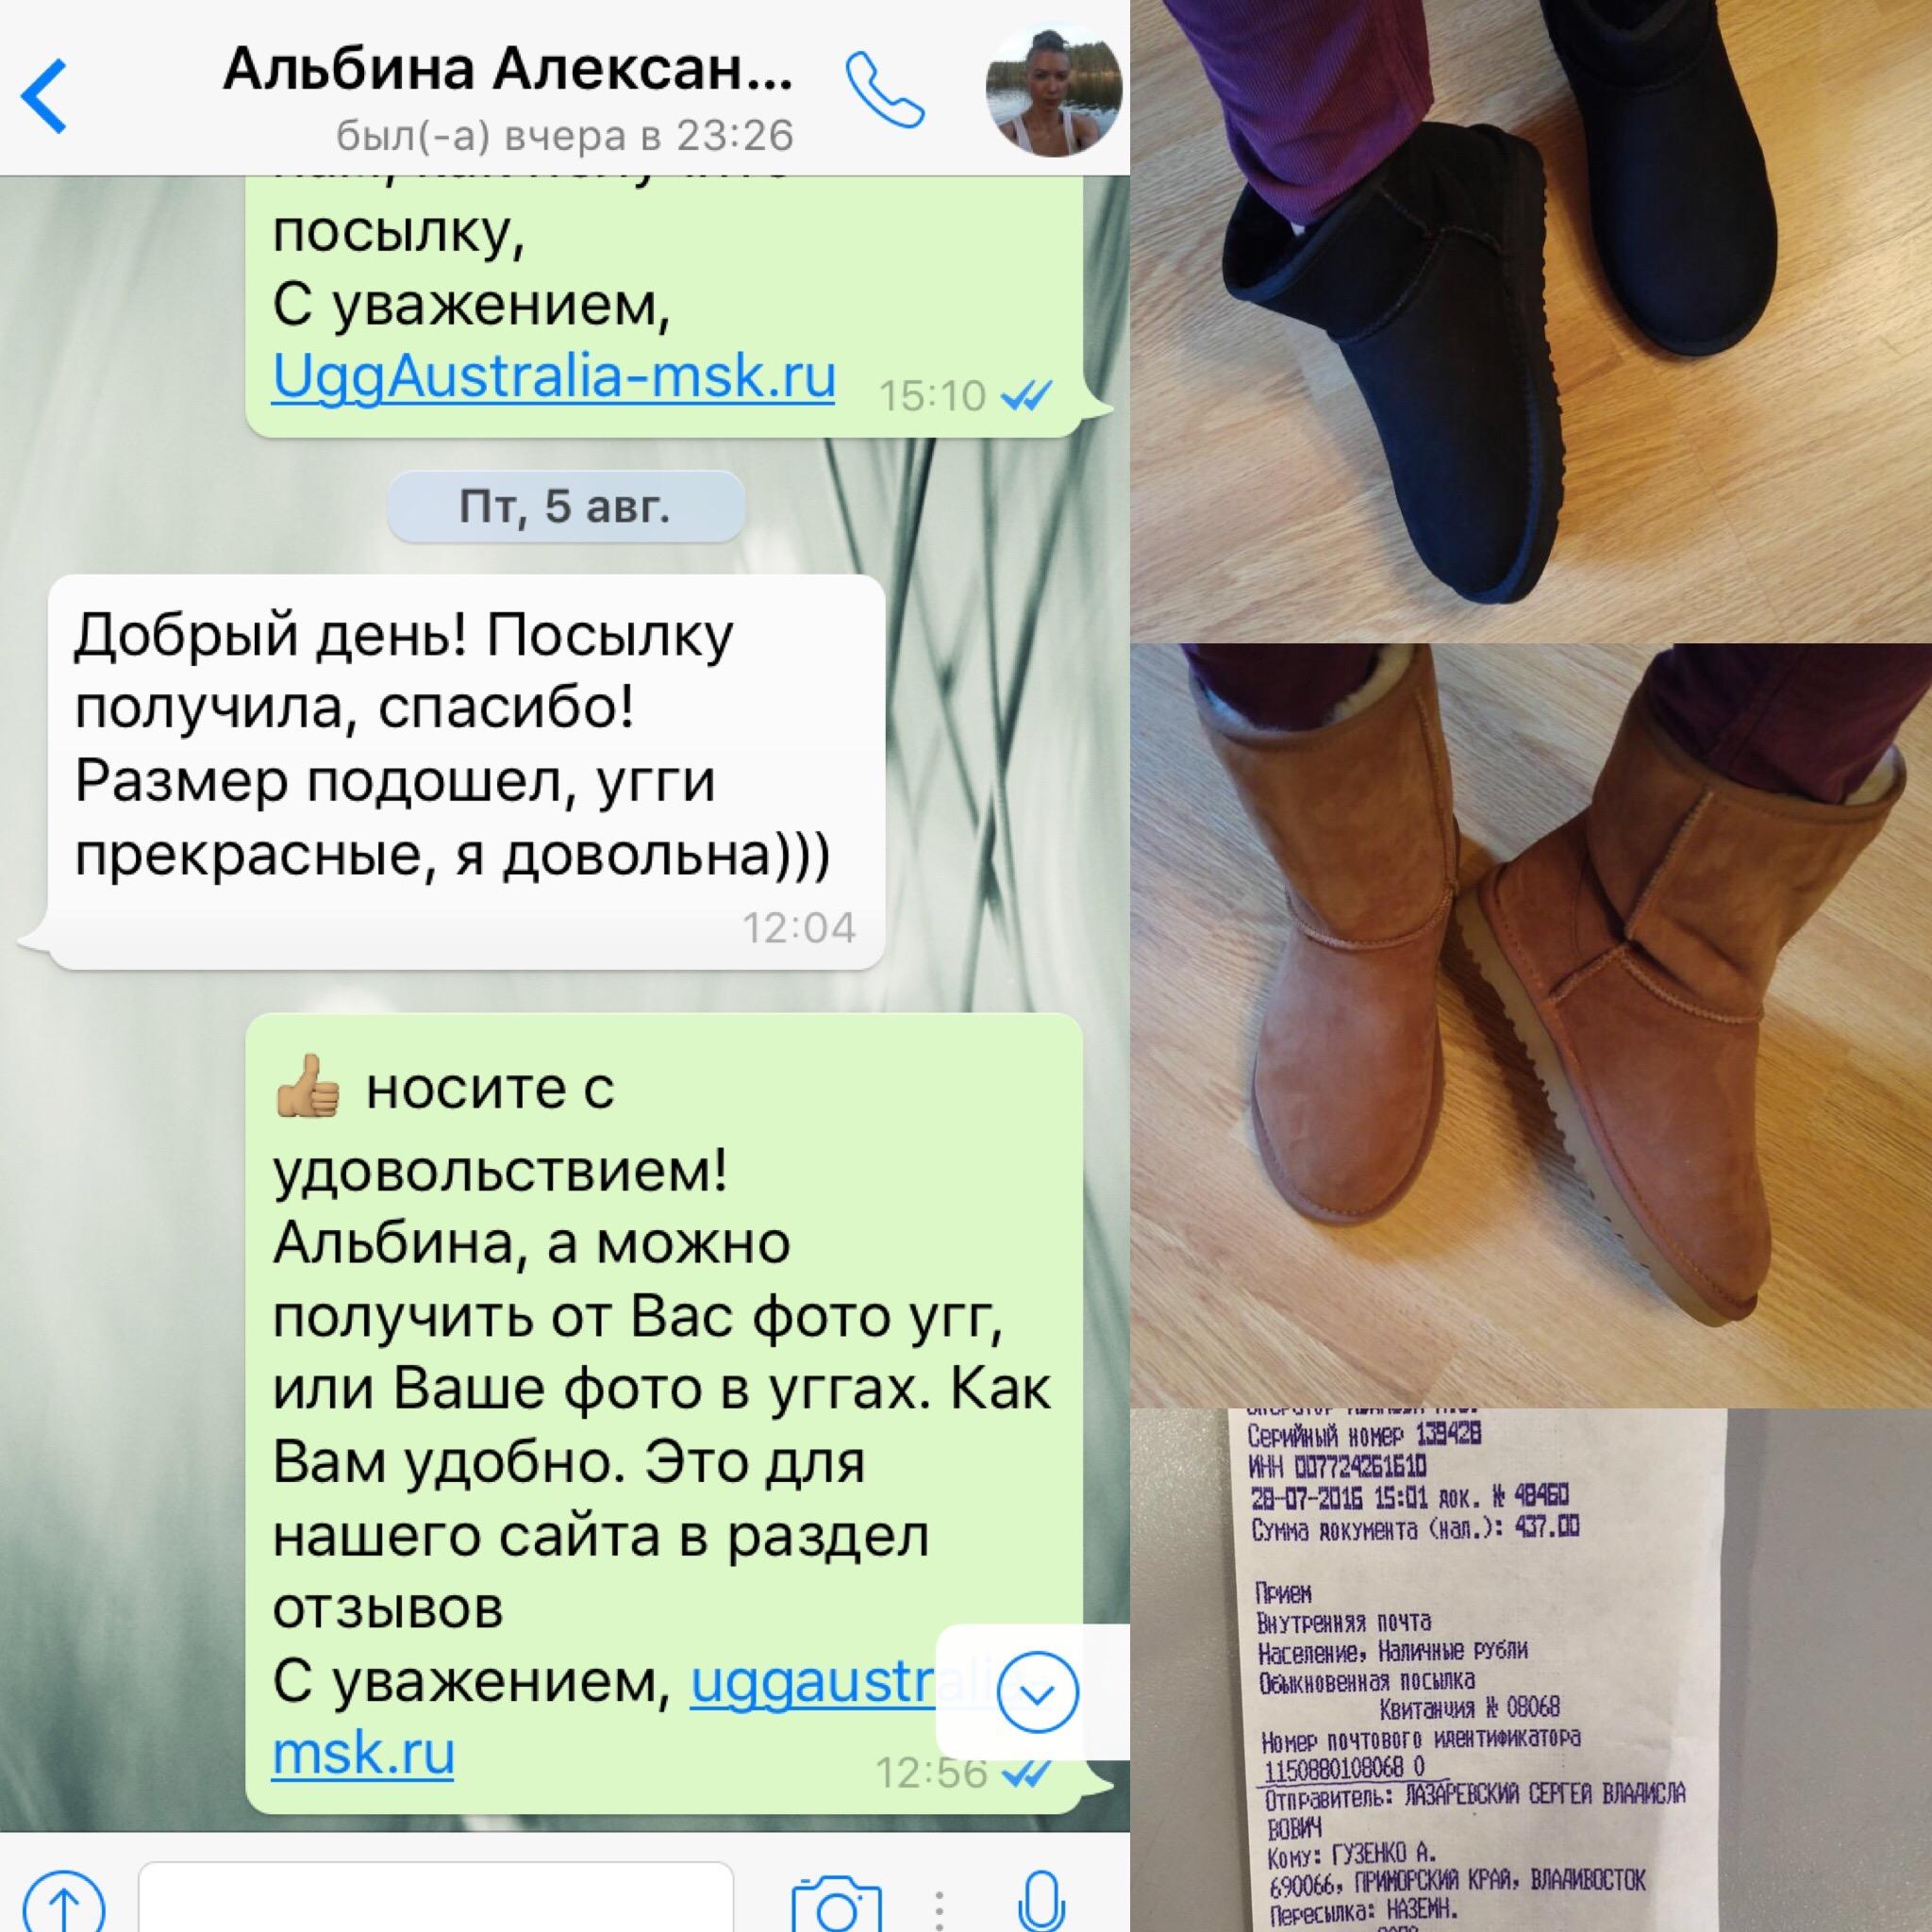 Альбина Александровна  г.Санкт-Петербург